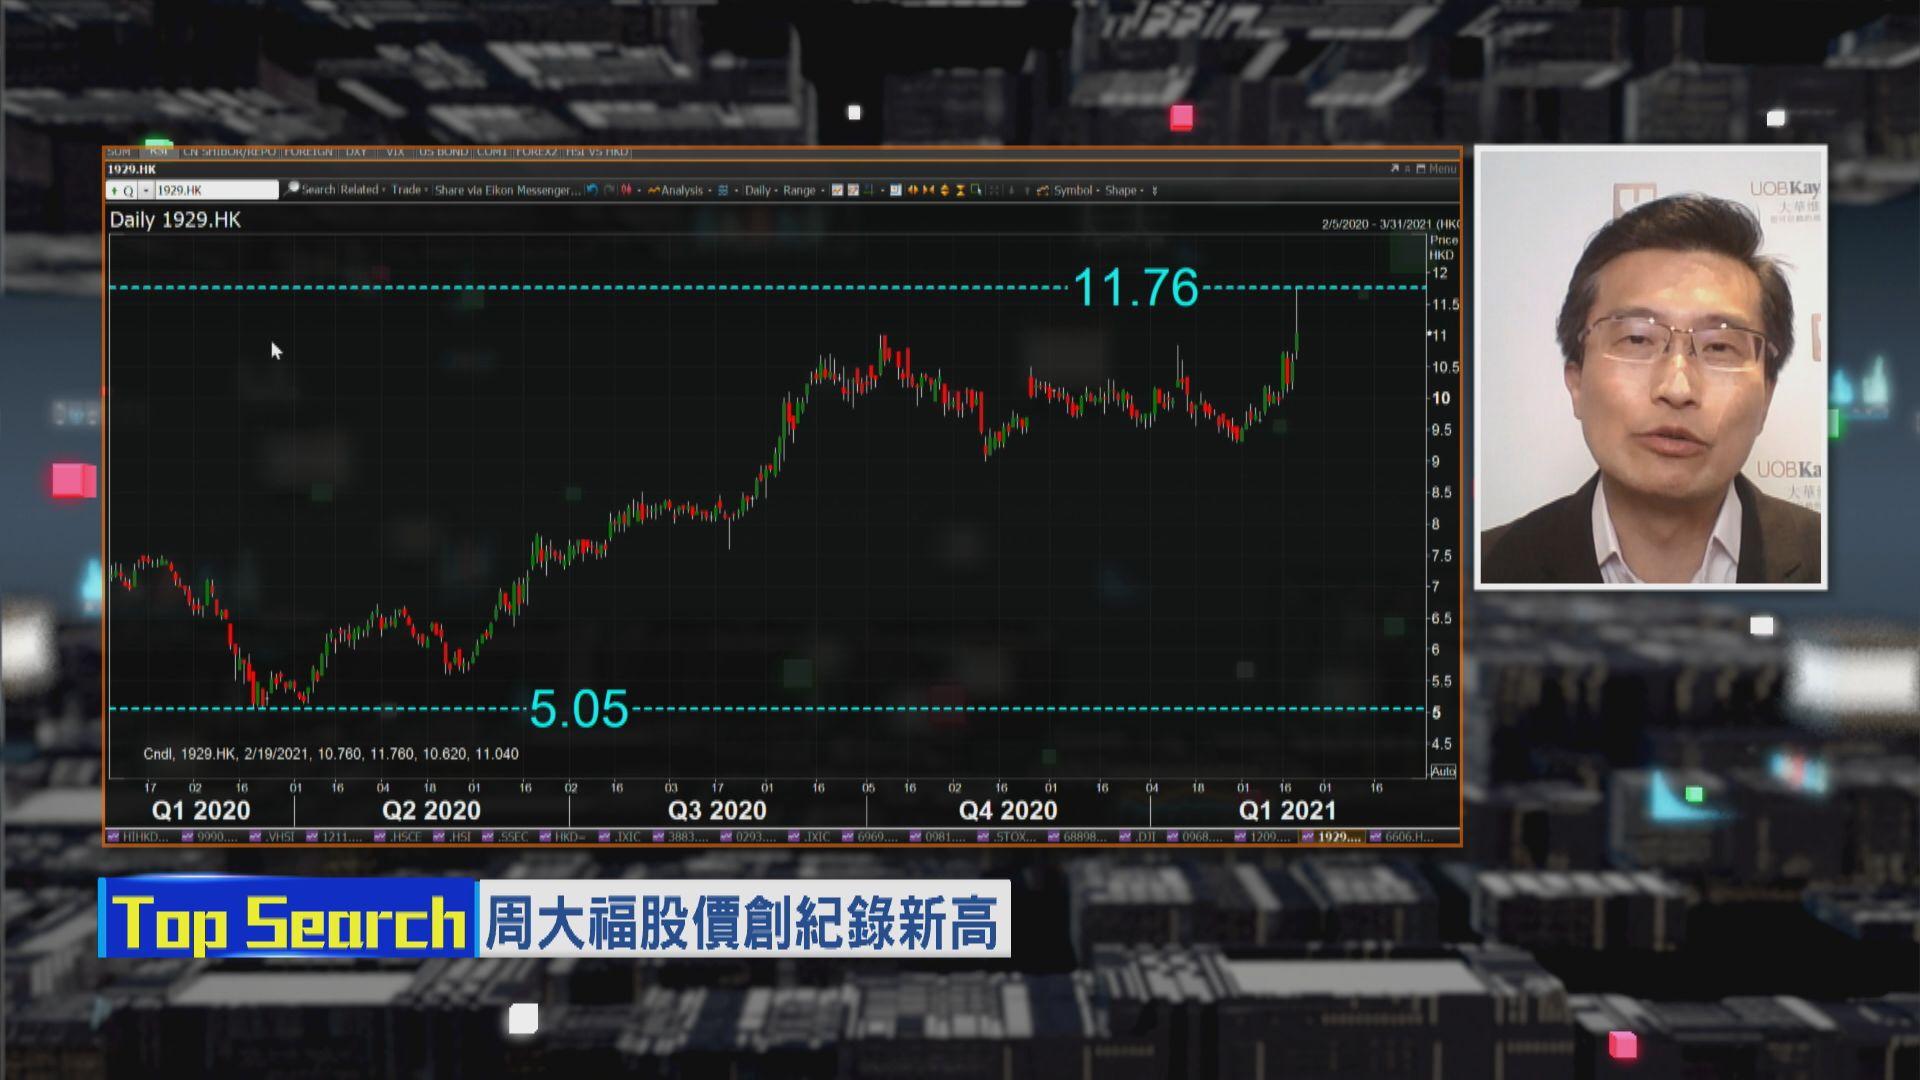 【財經TOP SEARCH】周大福「錢」途無限?